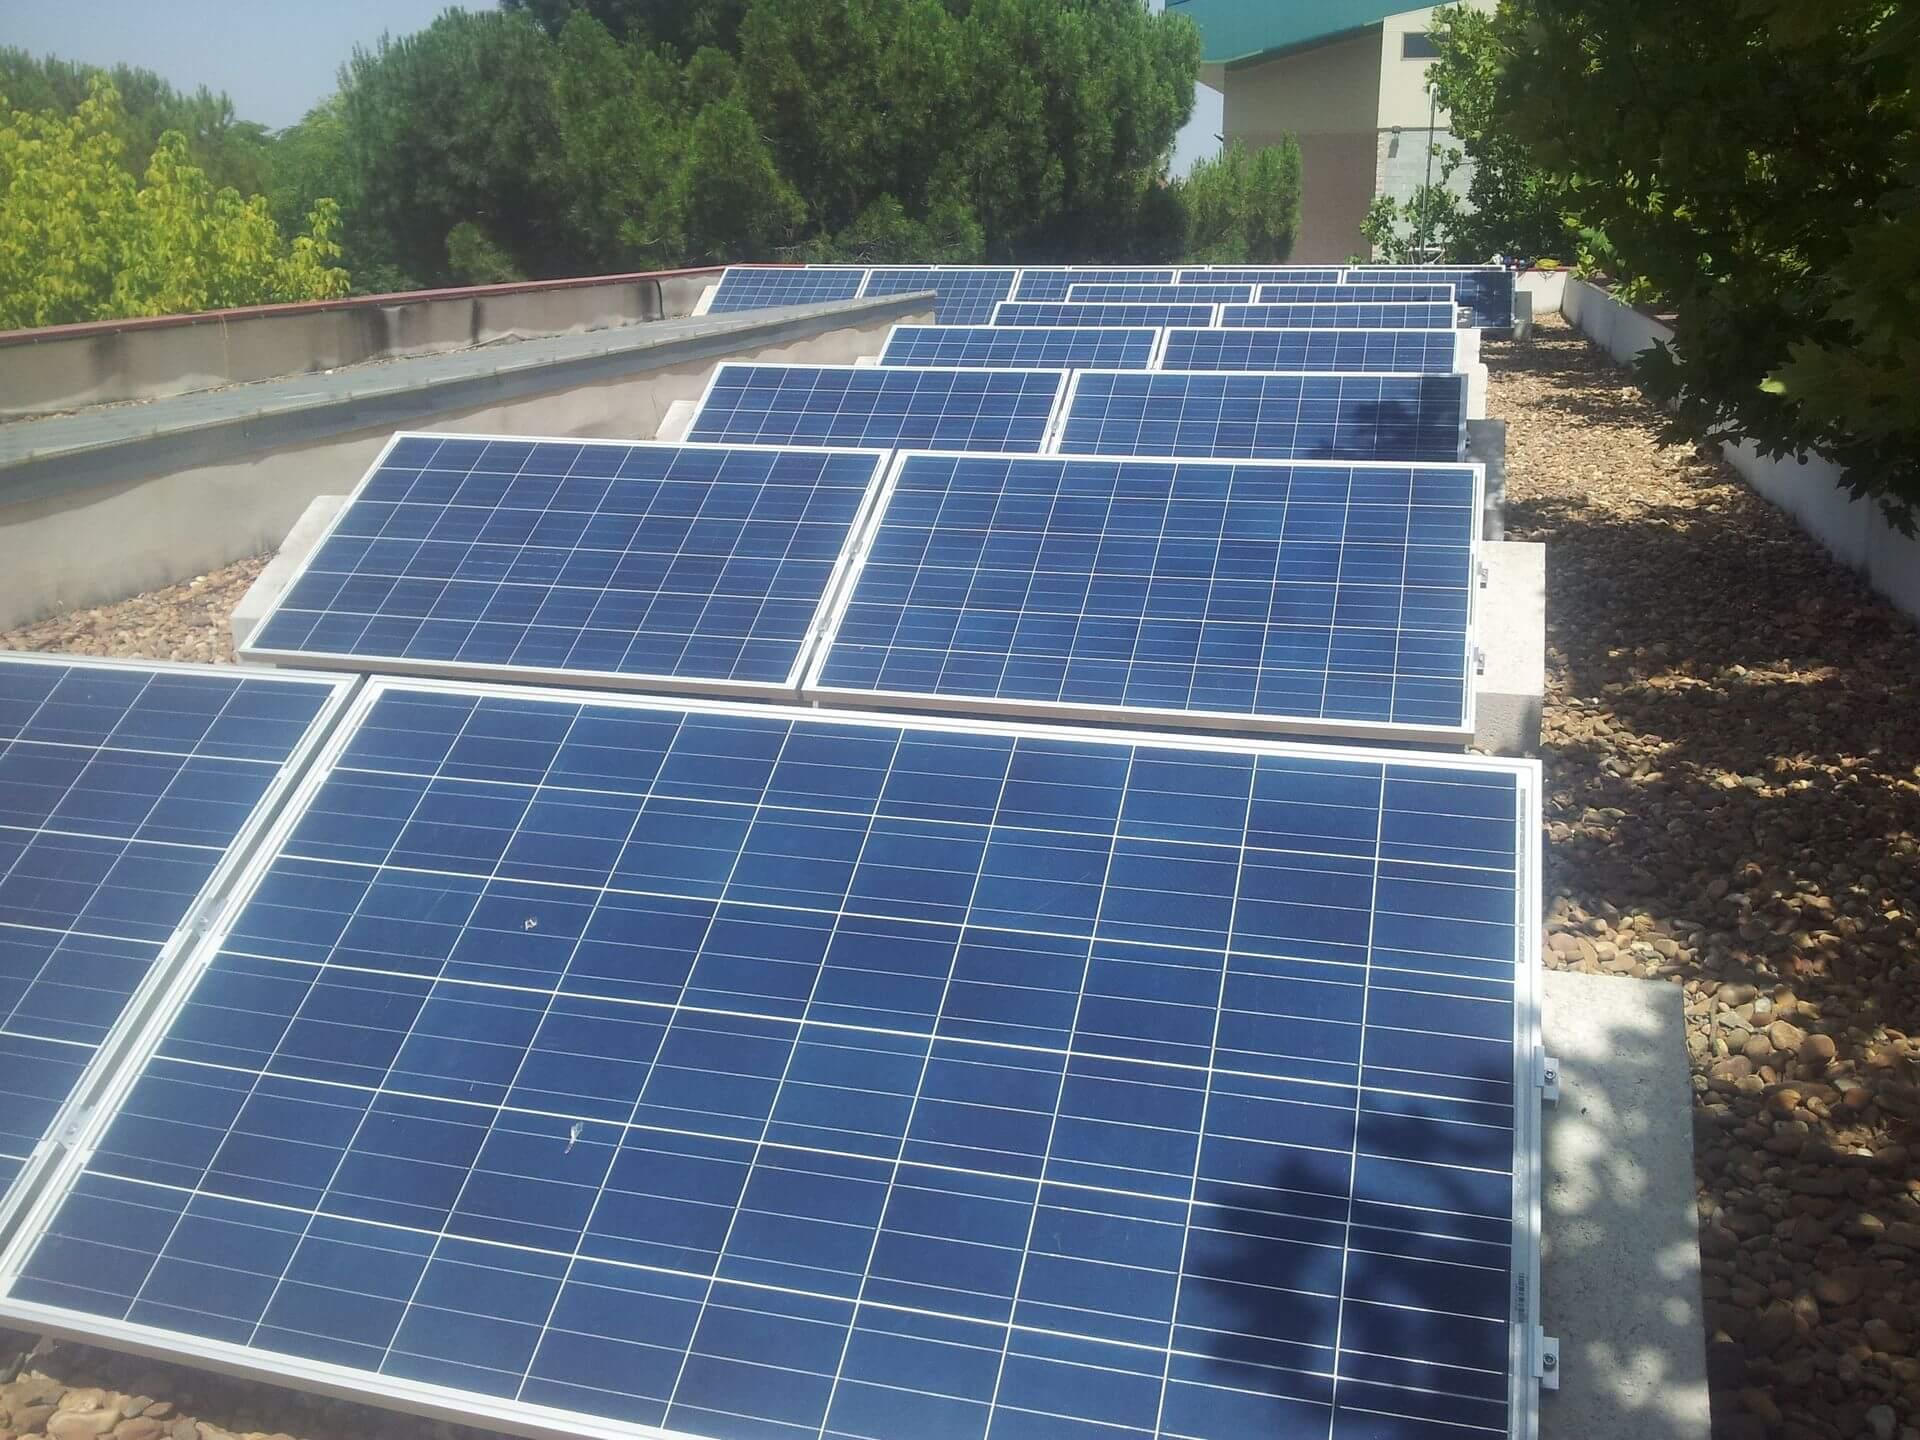 Placas solares La Albuera